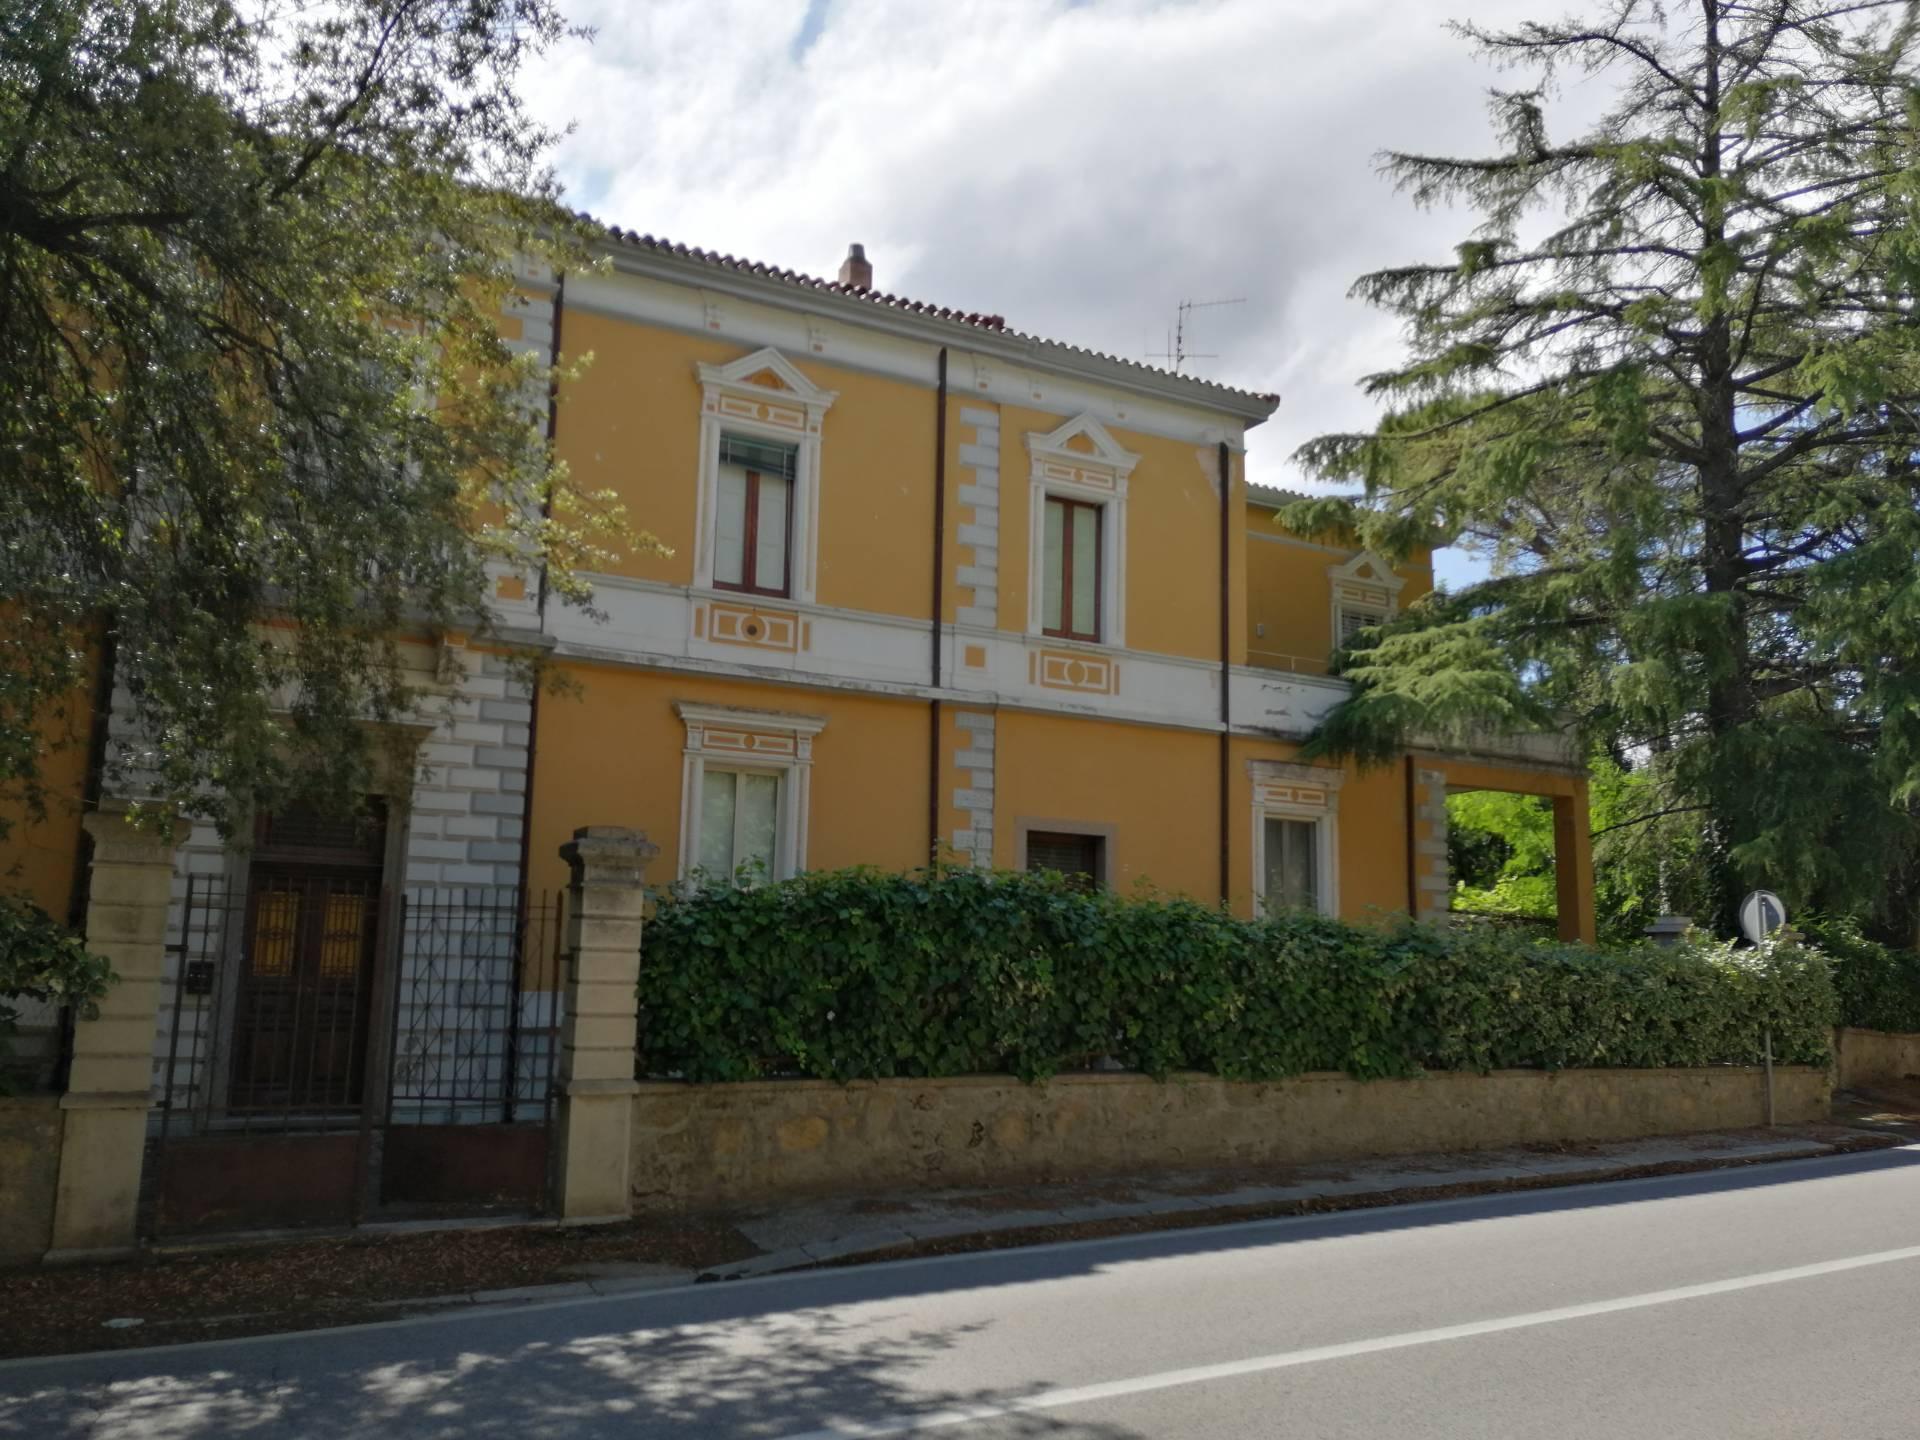 Appartamento in vendita a Larino, 7 locali, Trattative riservate | PortaleAgenzieImmobiliari.it